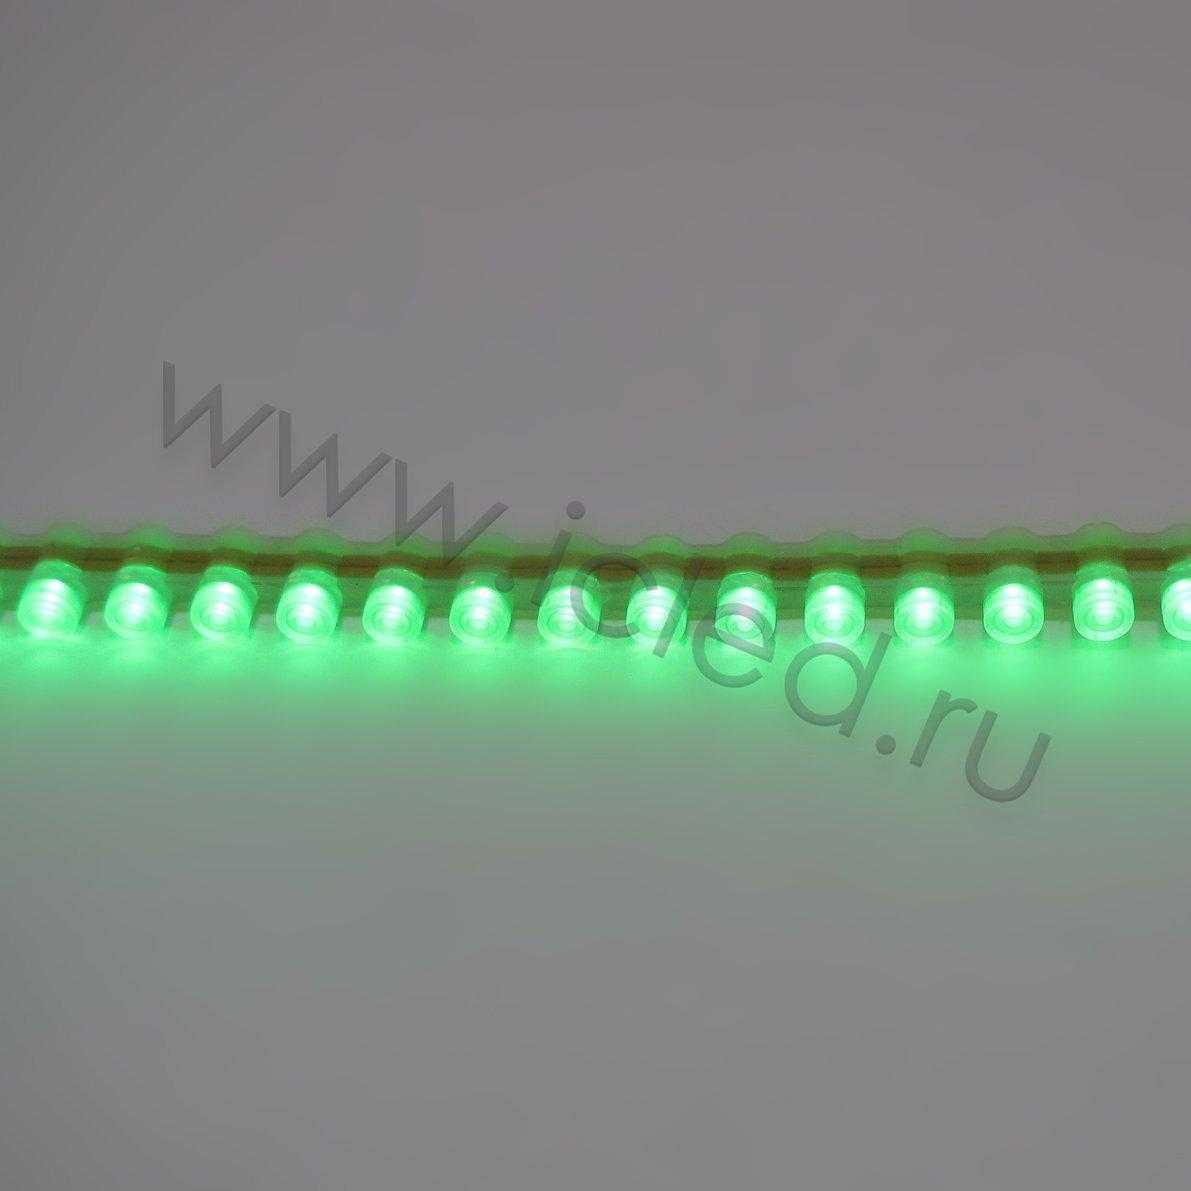 Светодиодная лента PVC Class B, 96led/m, Green, 12V, IP65